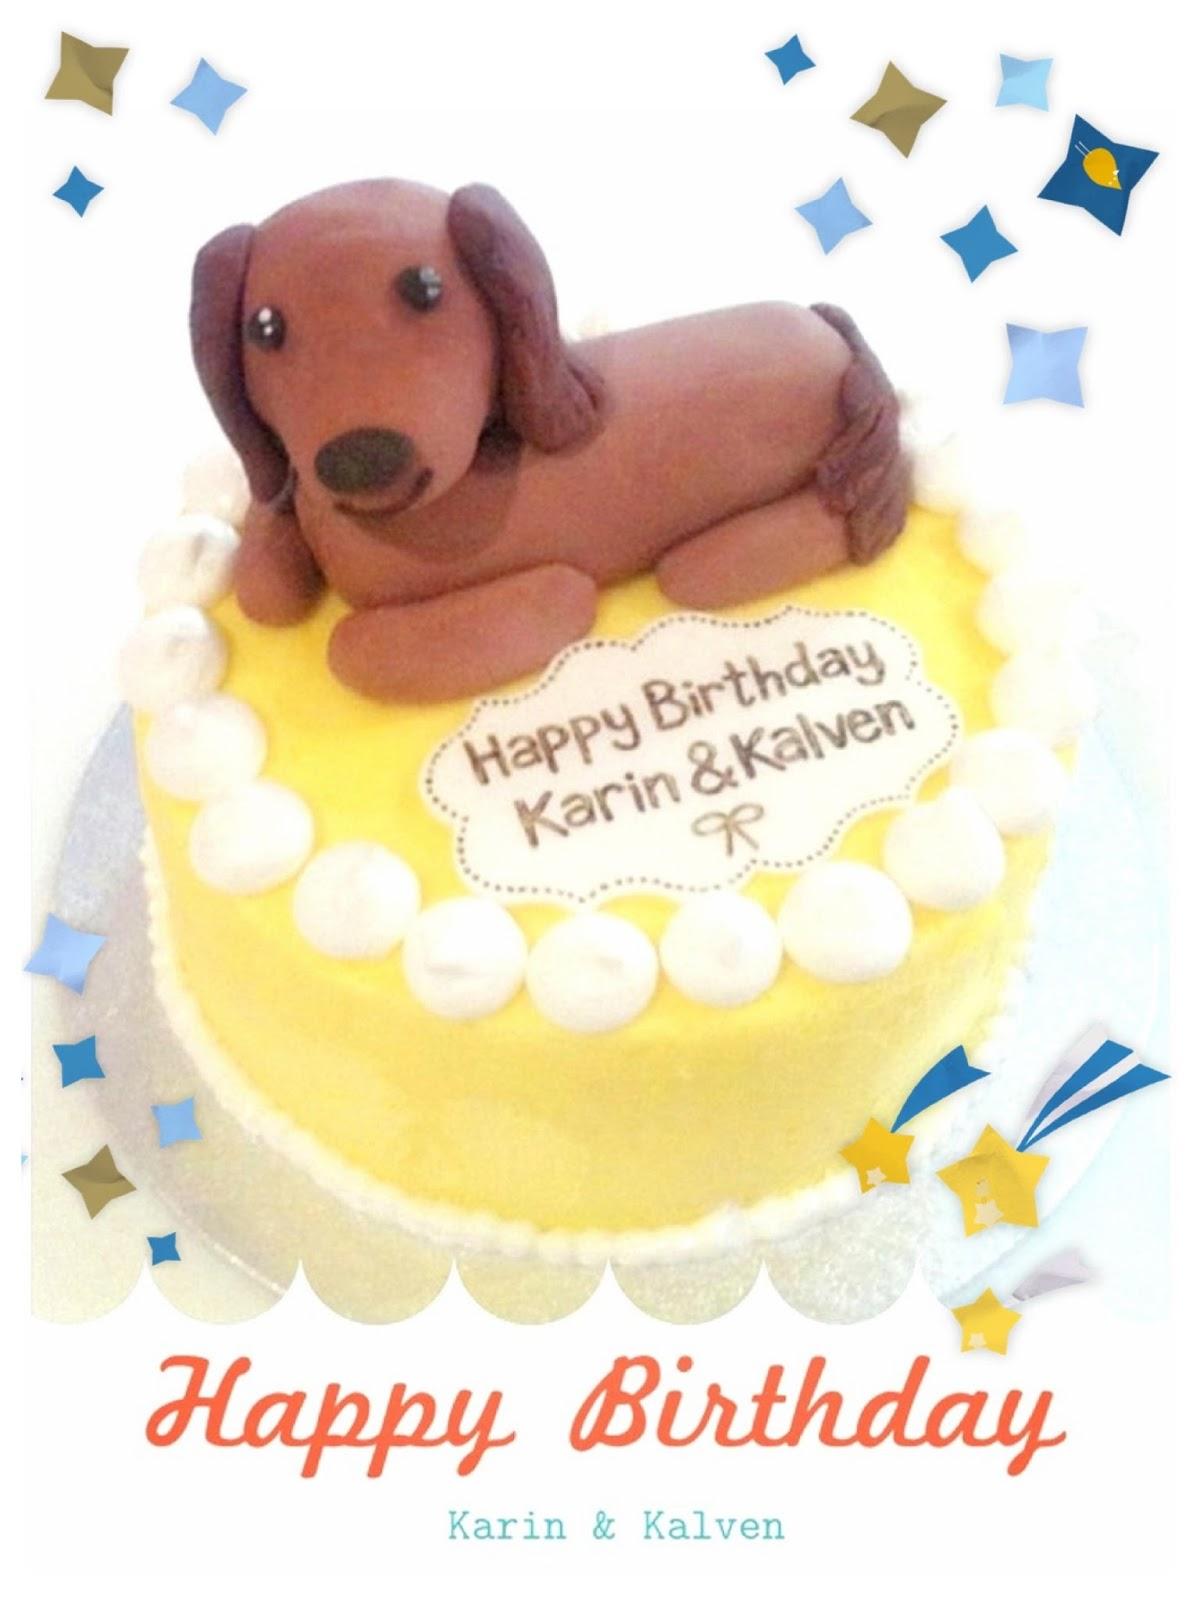 Puppy Dachshunds Royfert Lemon & Blueberry Birthday Cake London Cherie Kelly